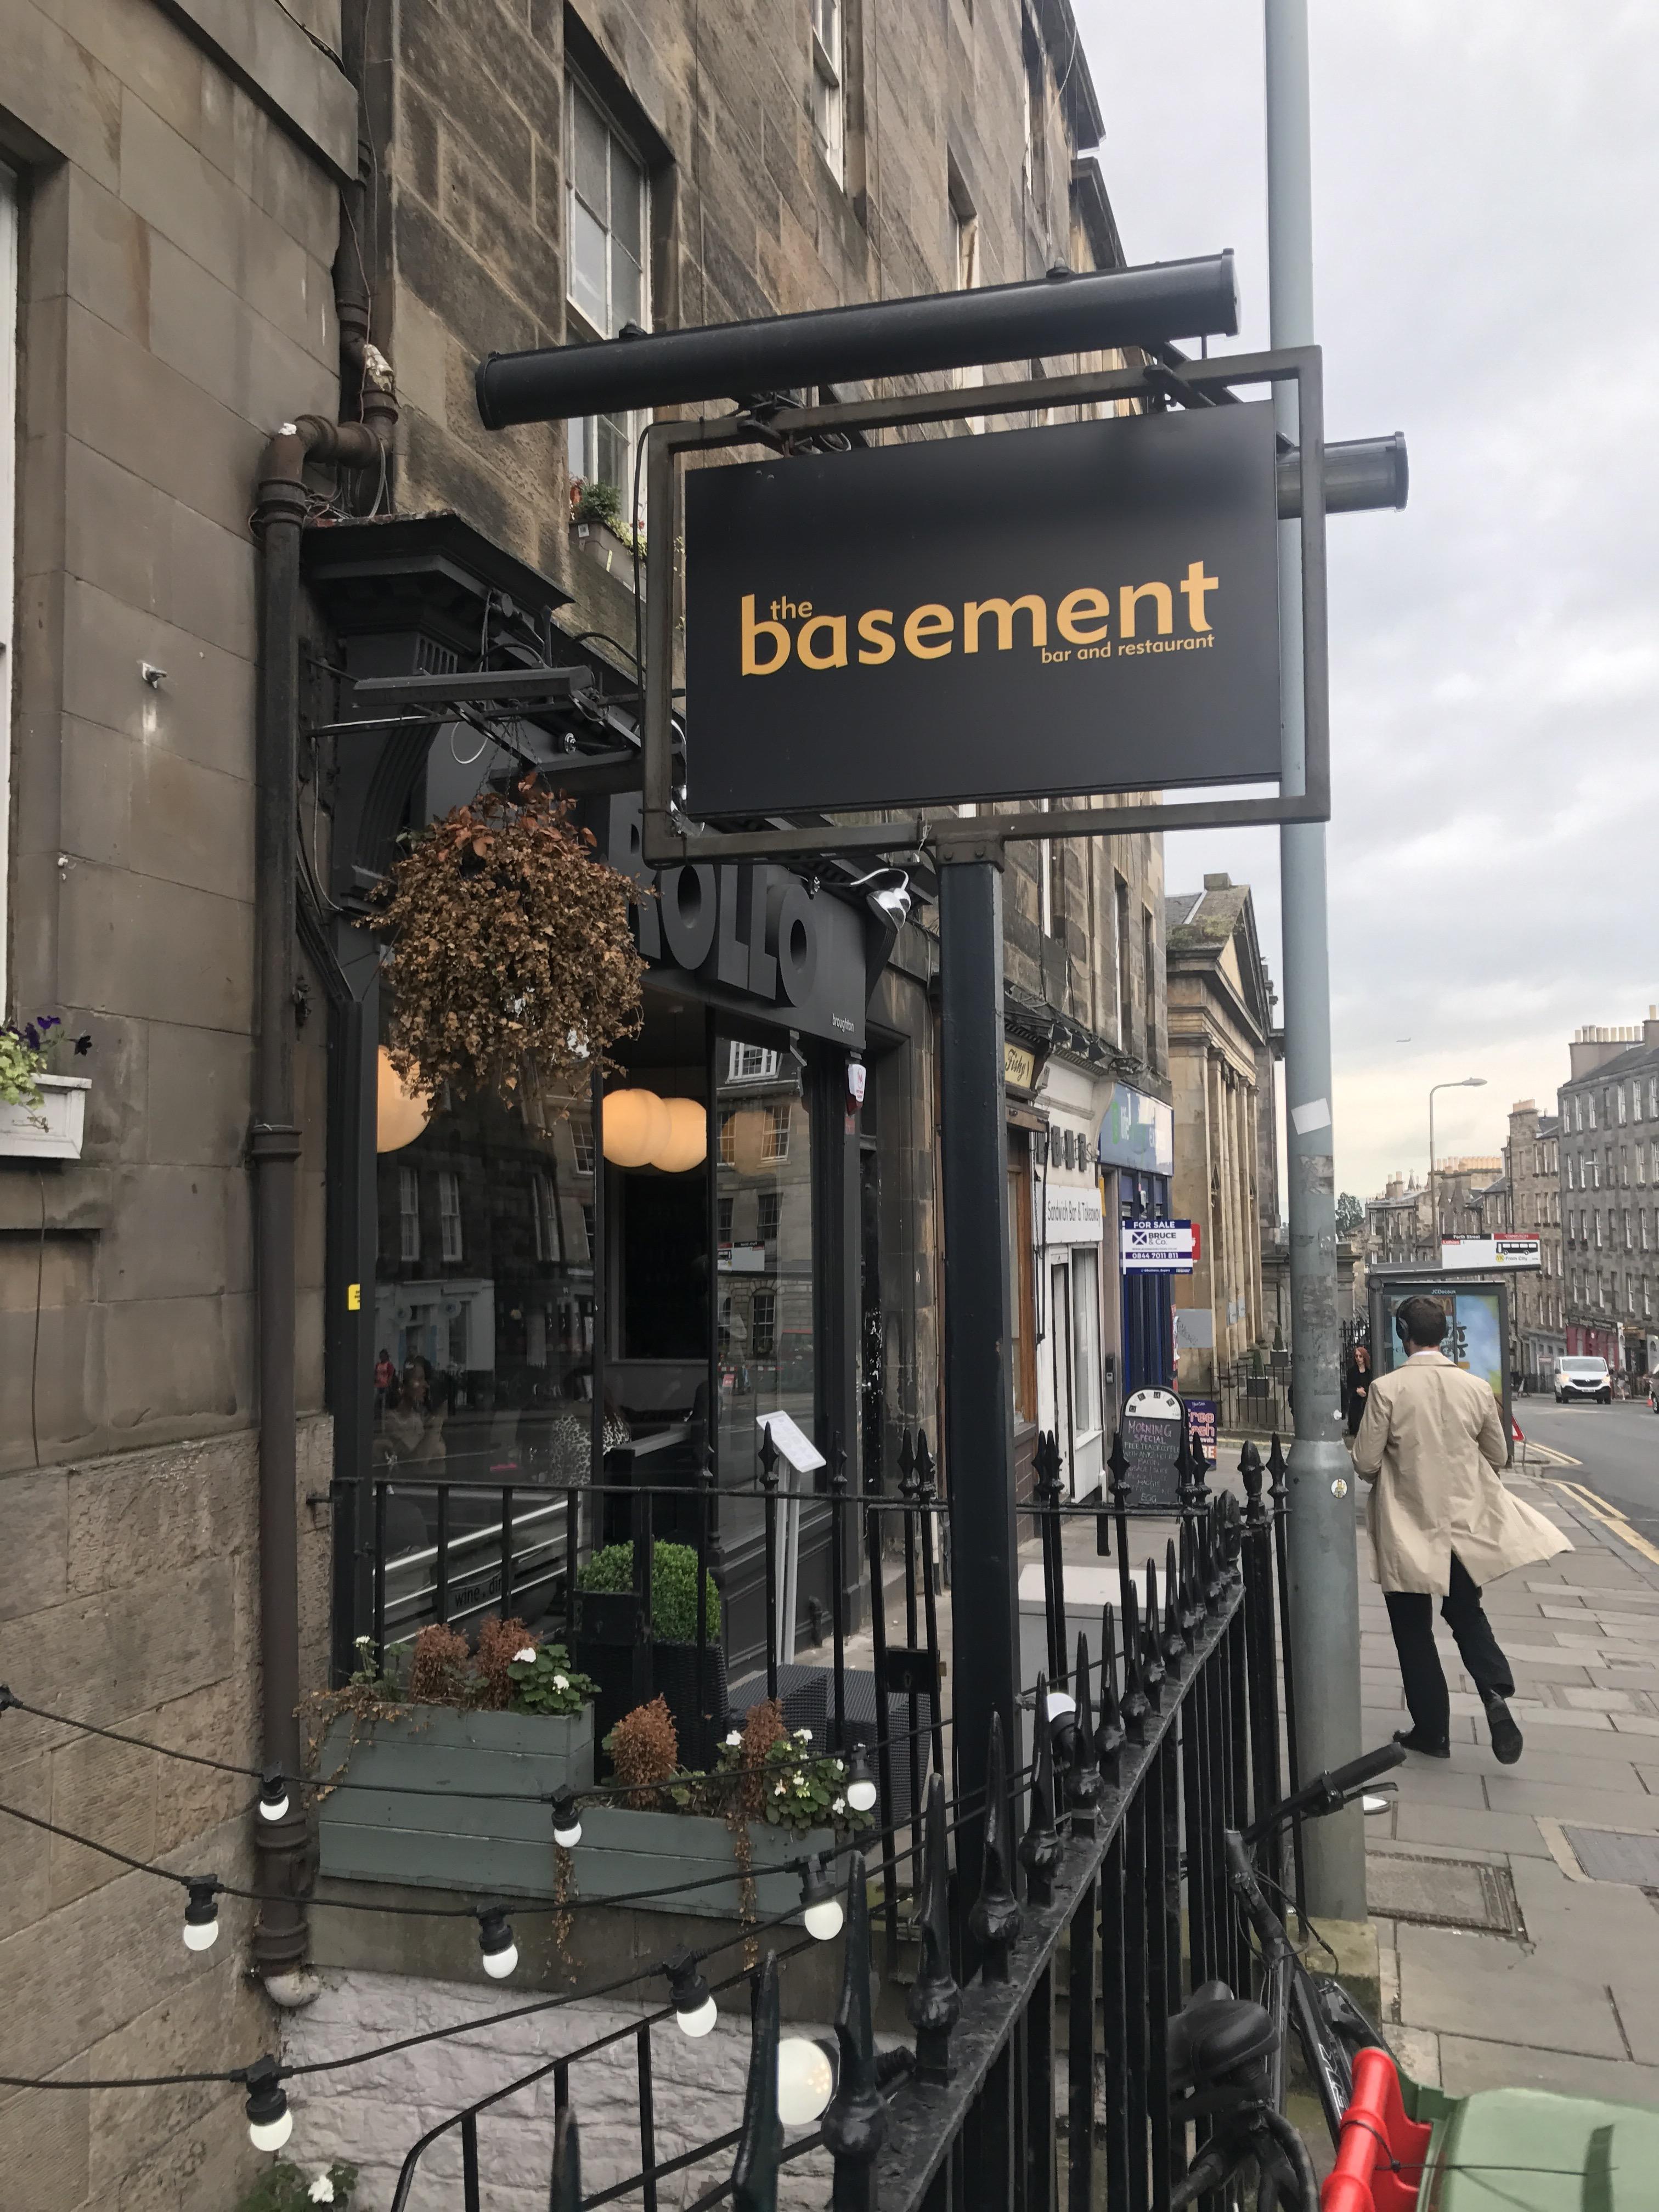 The Basement-Fun Mexican Bar And Restaurant In Edinburgh